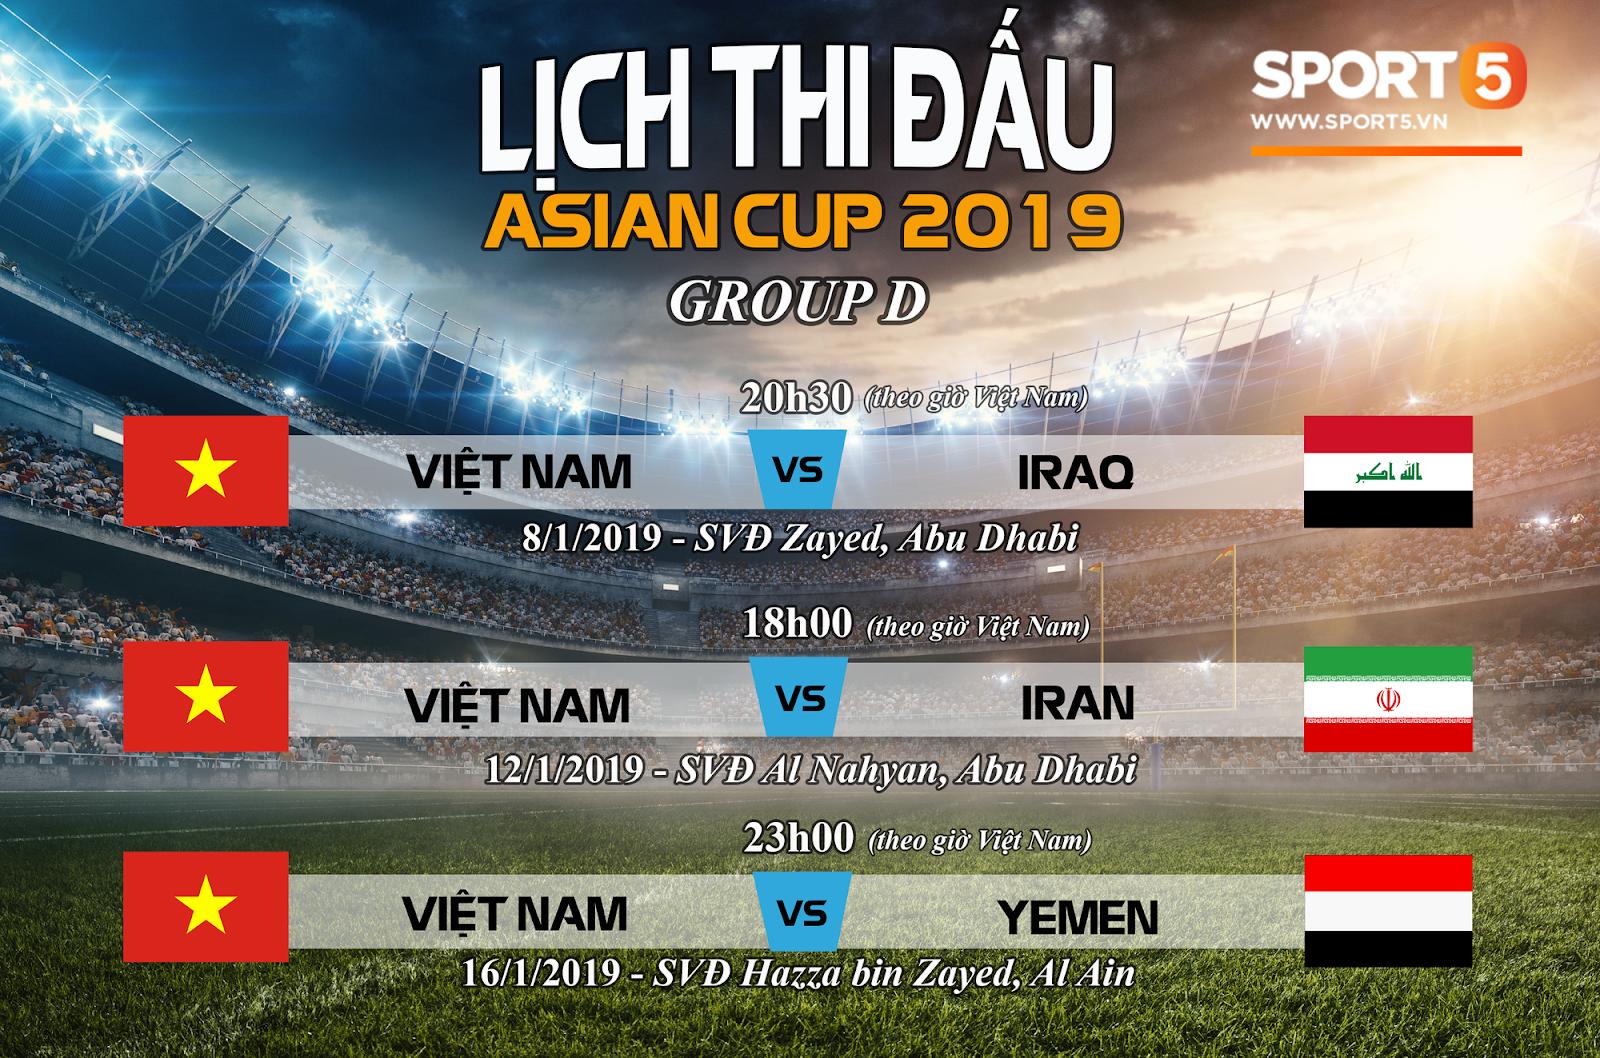 Niemstyle | Lịch thi đấu vòng chung kết Asian Cup 2019 của tuyển Việt Nam